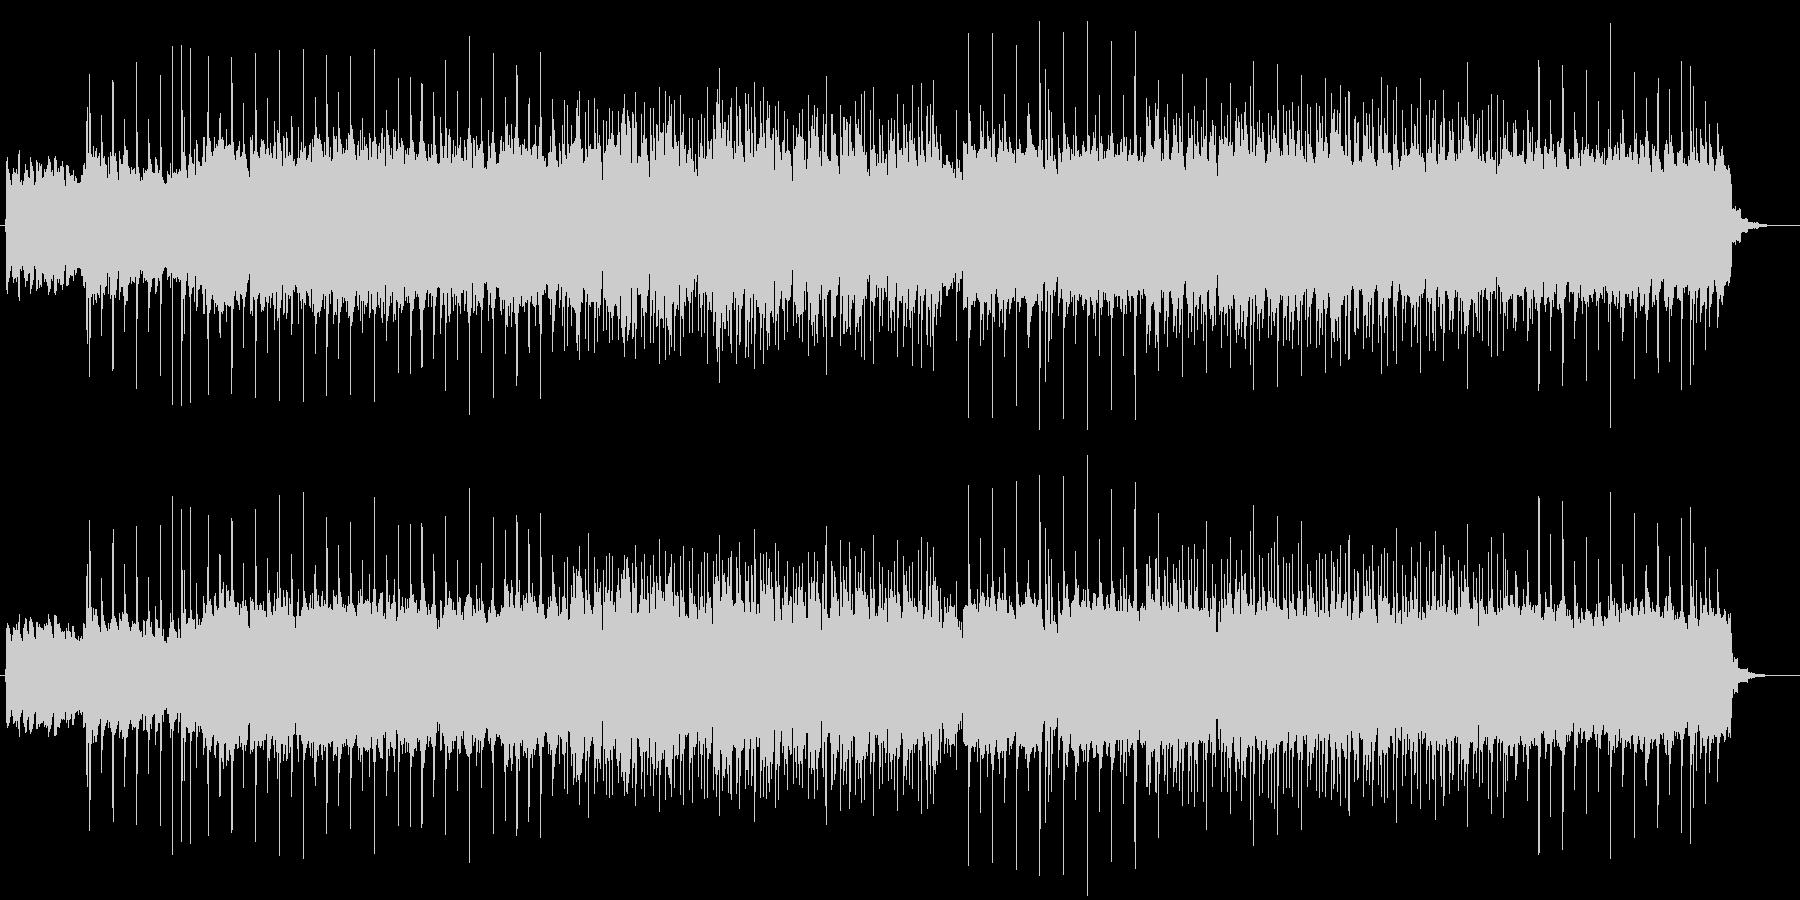 リフがクールなロックギター曲の未再生の波形